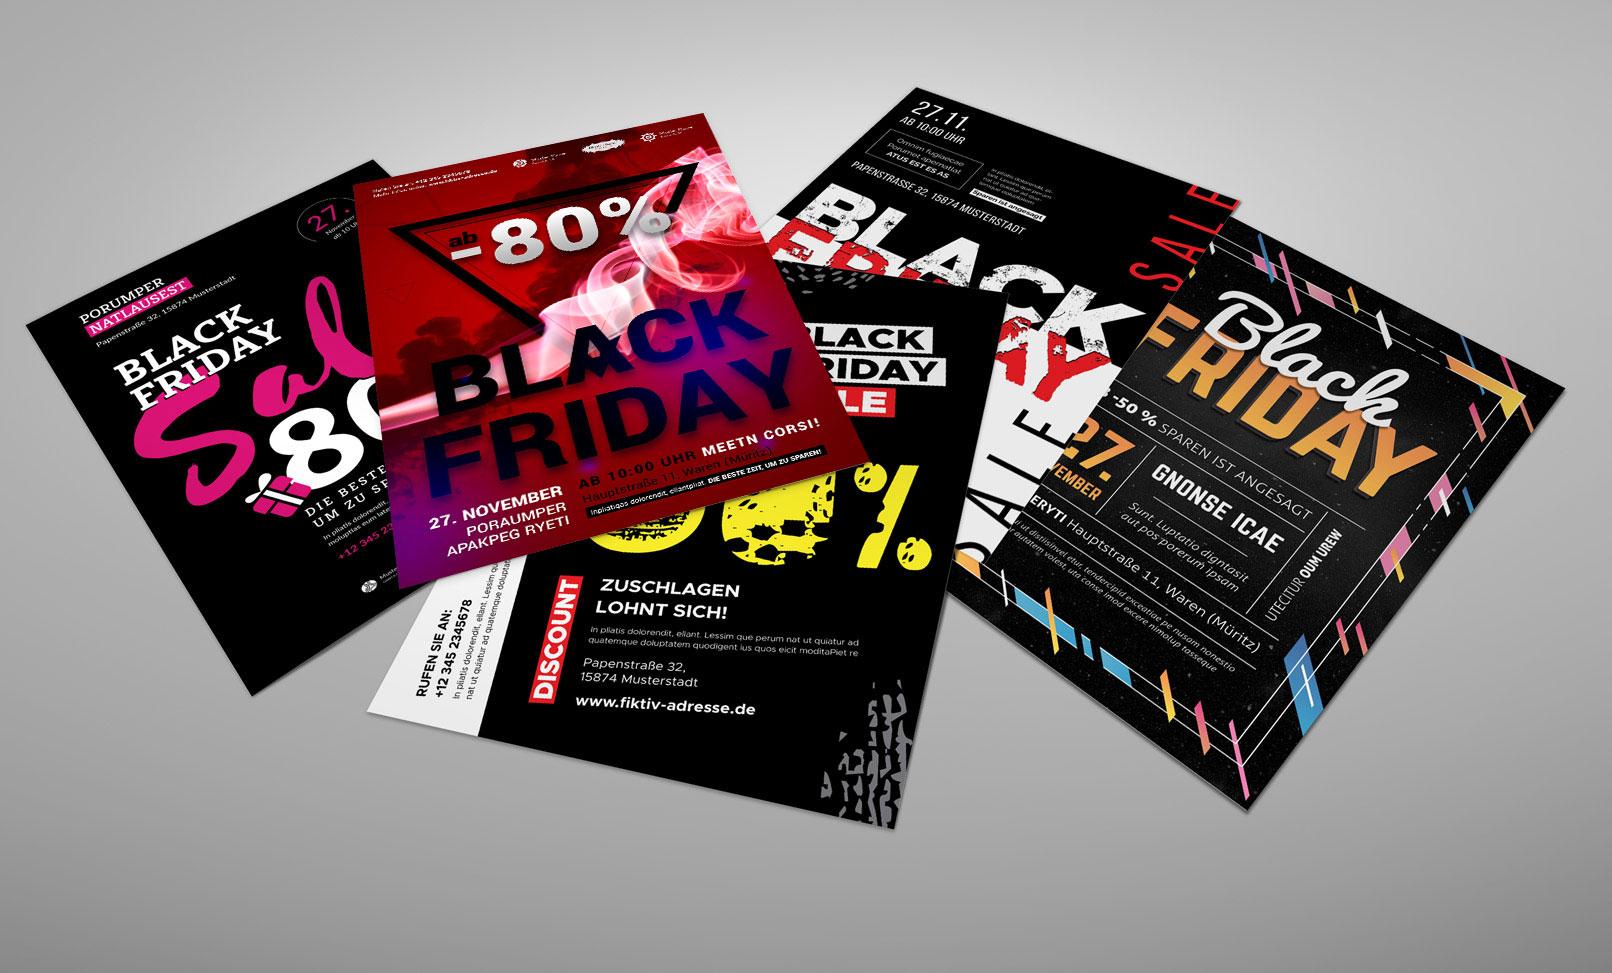 Fünf Vorlagen im Black Friday-Design: Plakate und Flyer zur Werbung